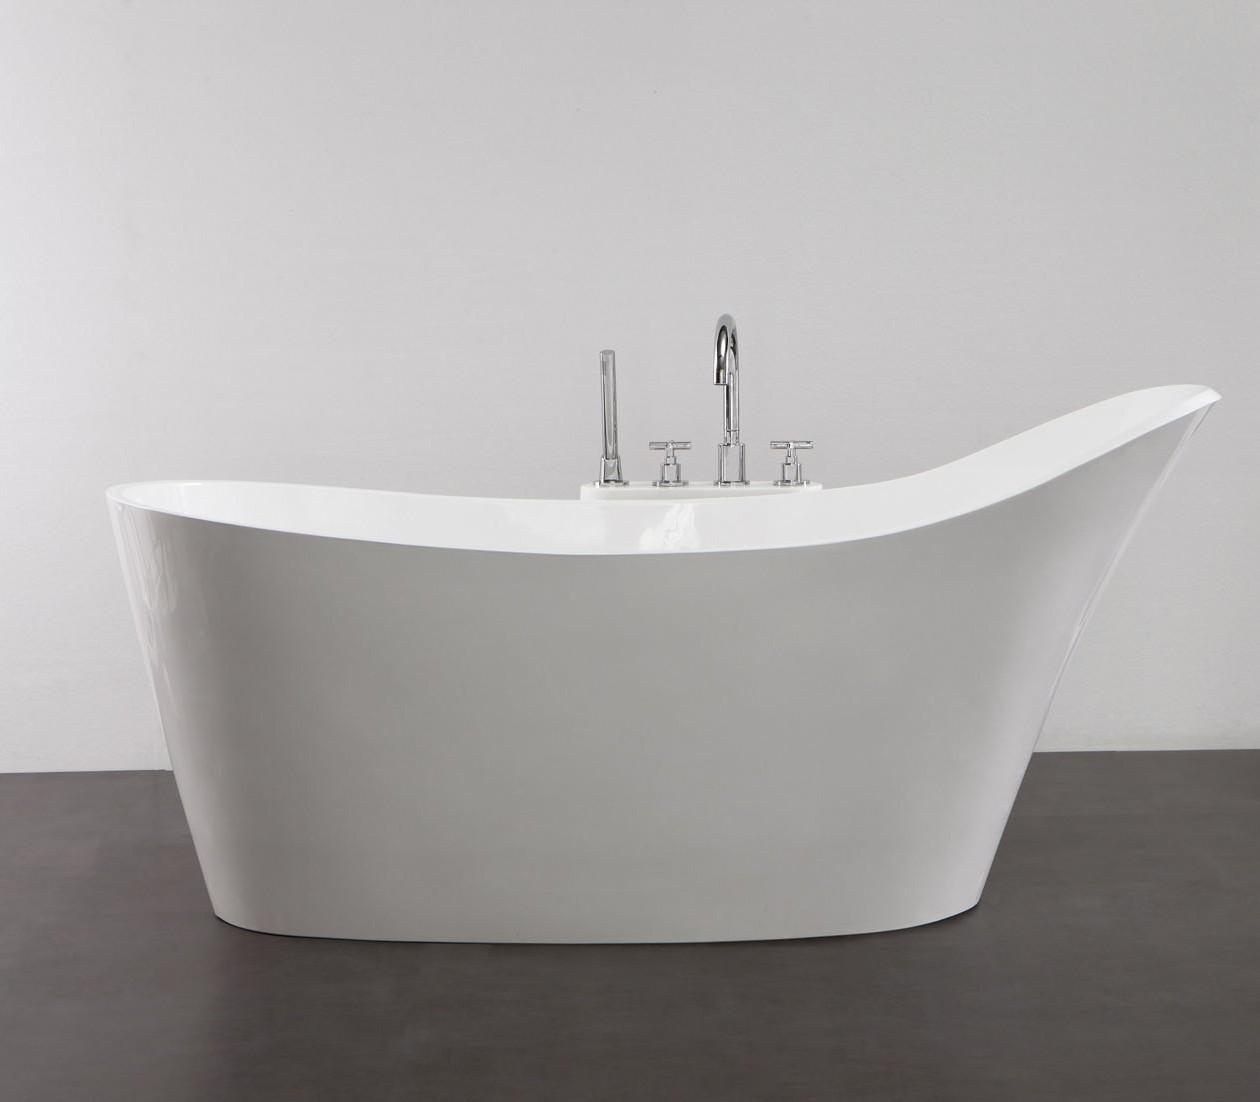 freistehende badewanne aus mineralguss kzoao 0907 badewelt wannen kunststein. Black Bedroom Furniture Sets. Home Design Ideas